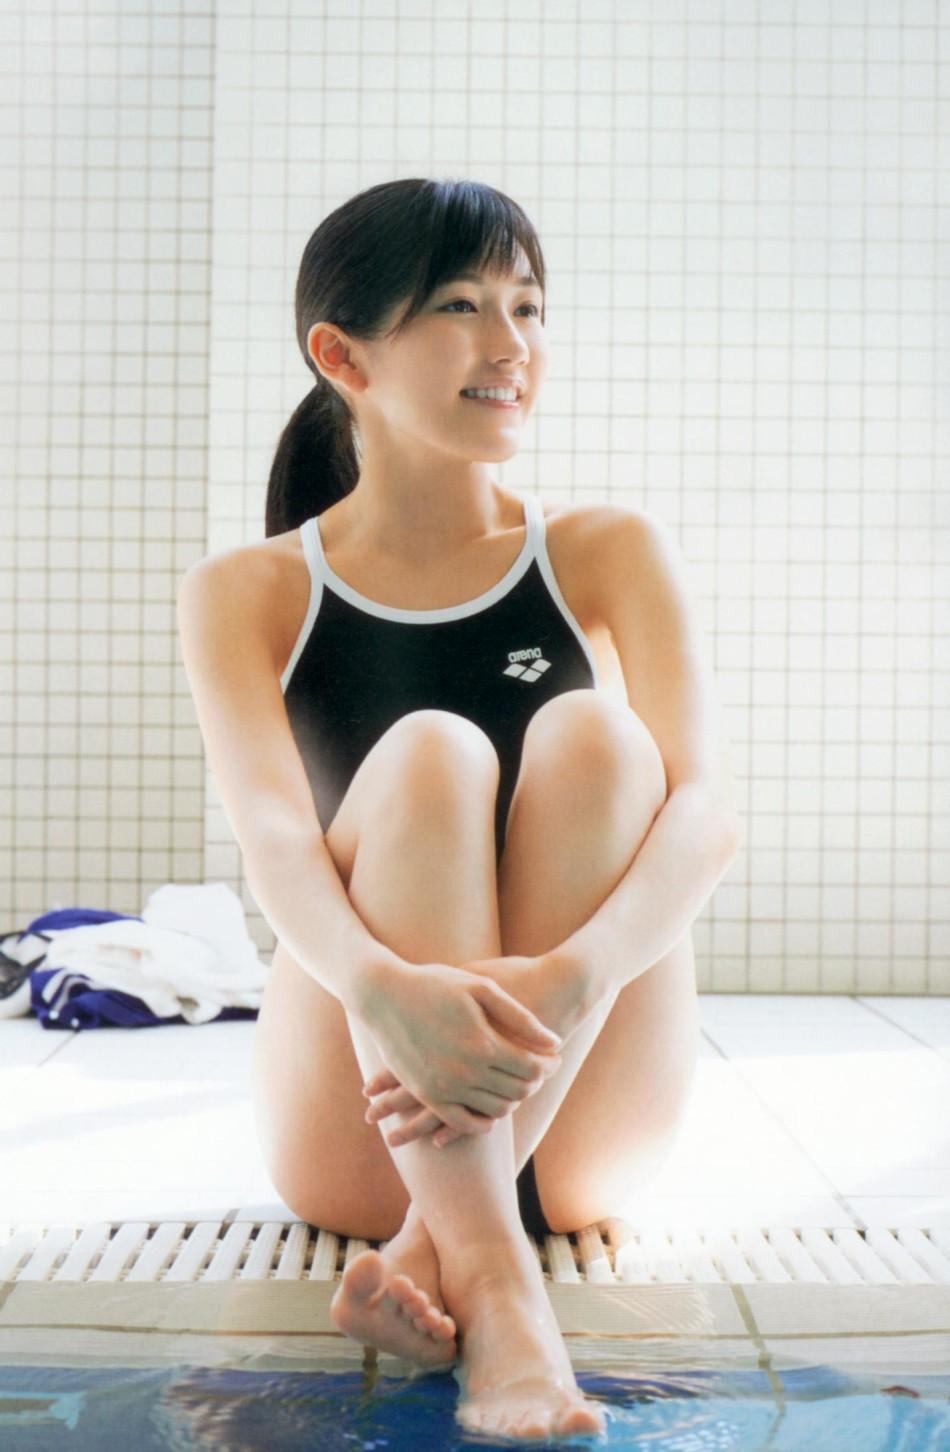 akb渡边麻友写真 运动美女清纯可爱